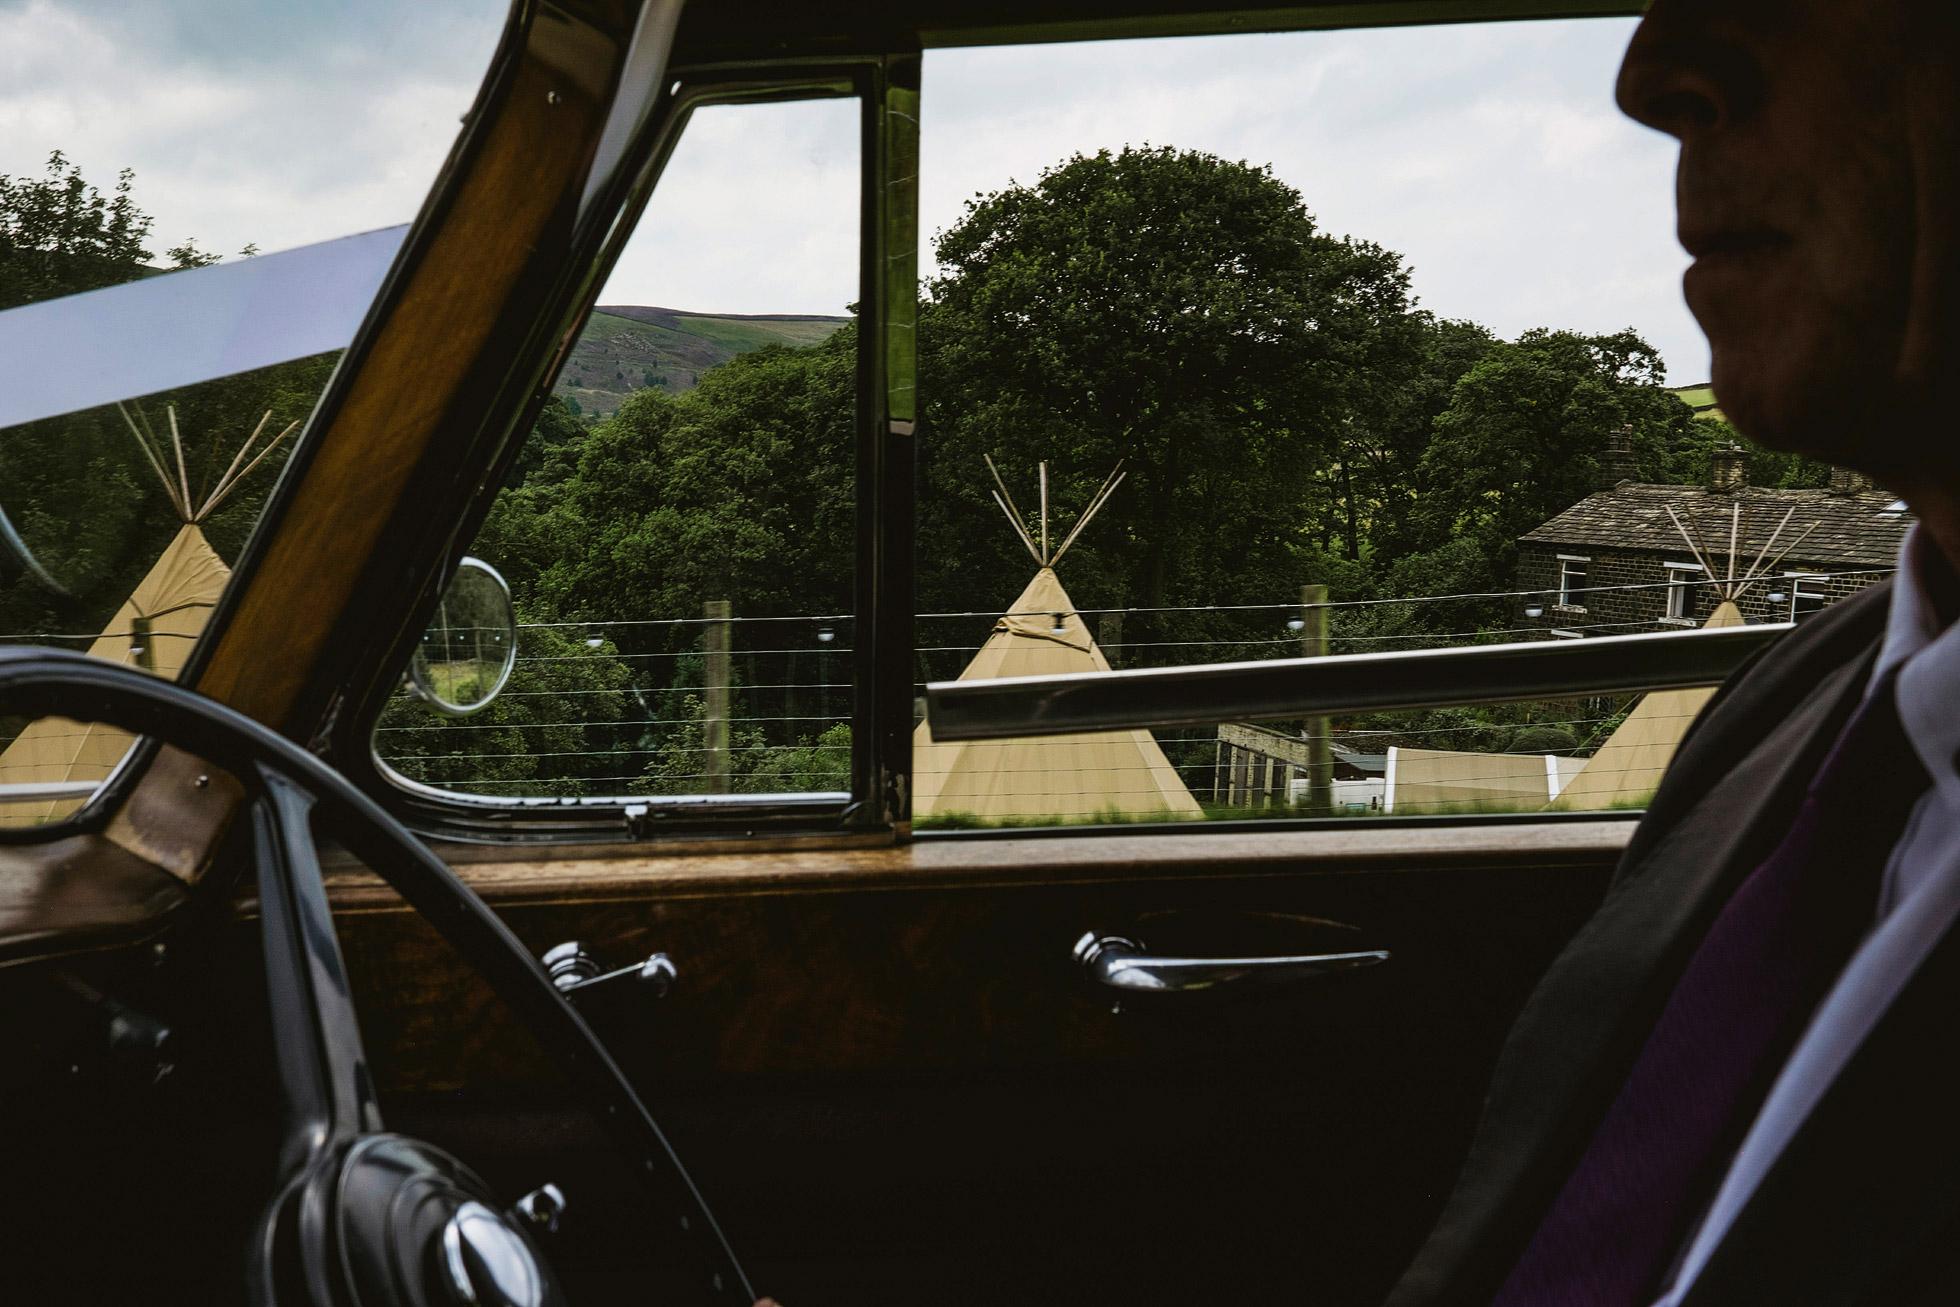 Inside the Wedding car